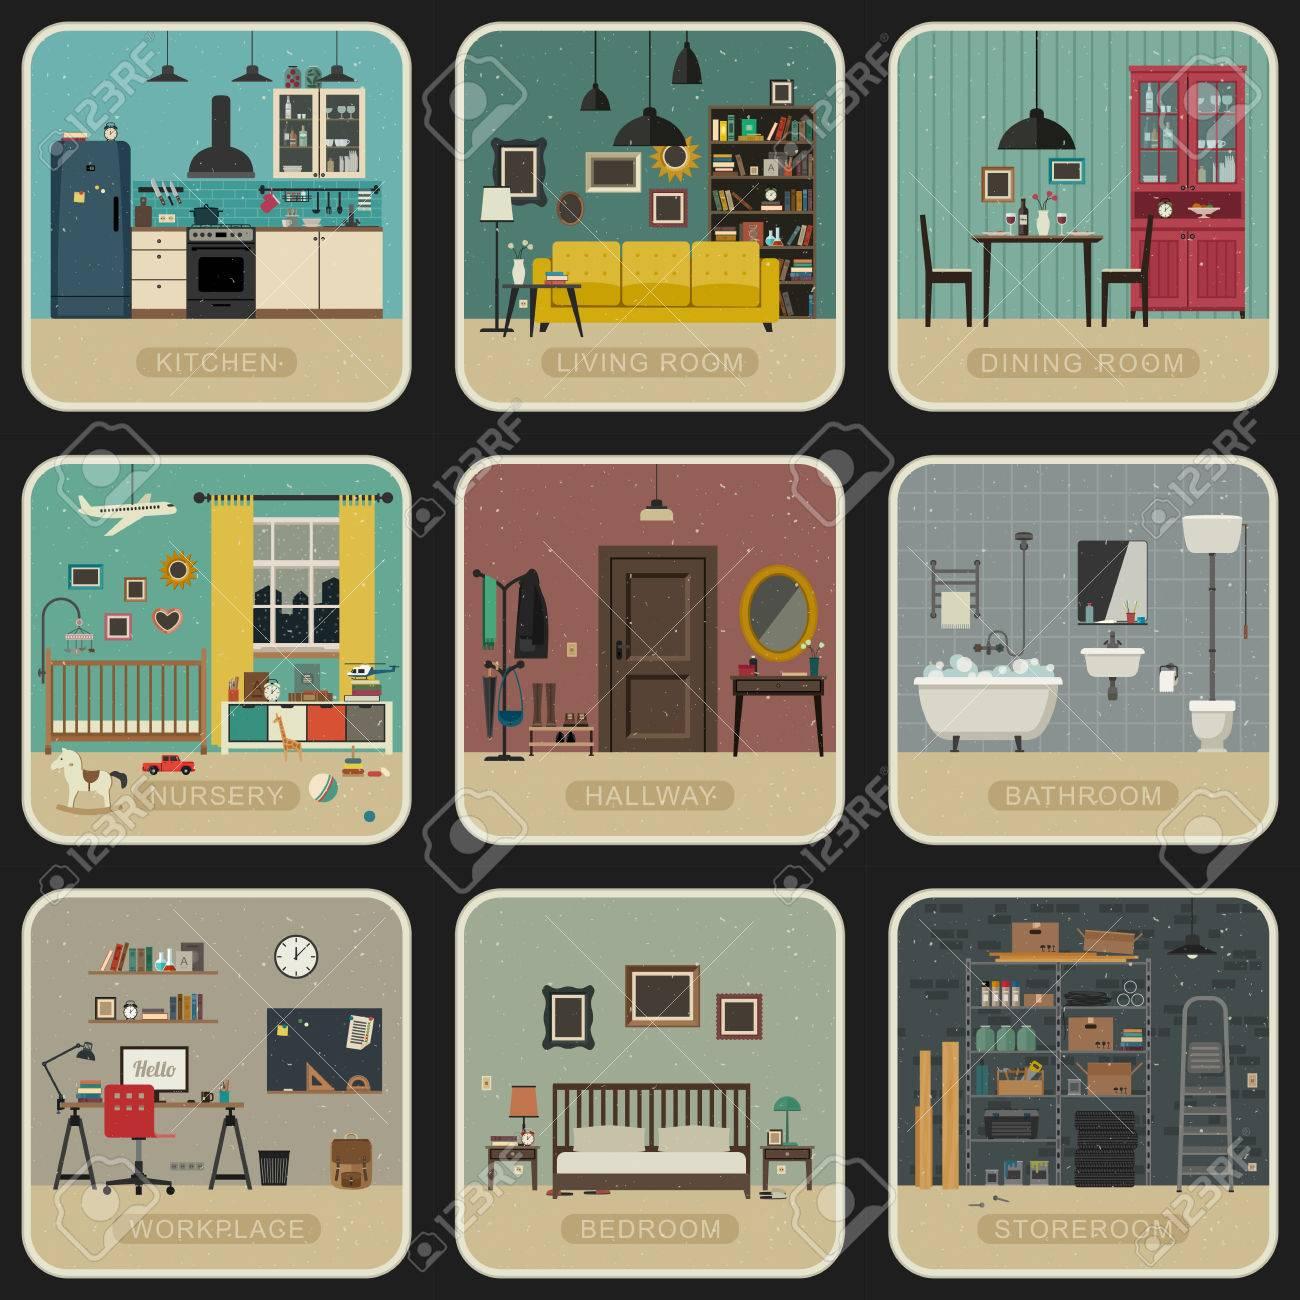 Set Von Innenräumen In Flachen Stil. Vintage Illustrationen Des Bad,  Wohnzimmer, Küche,